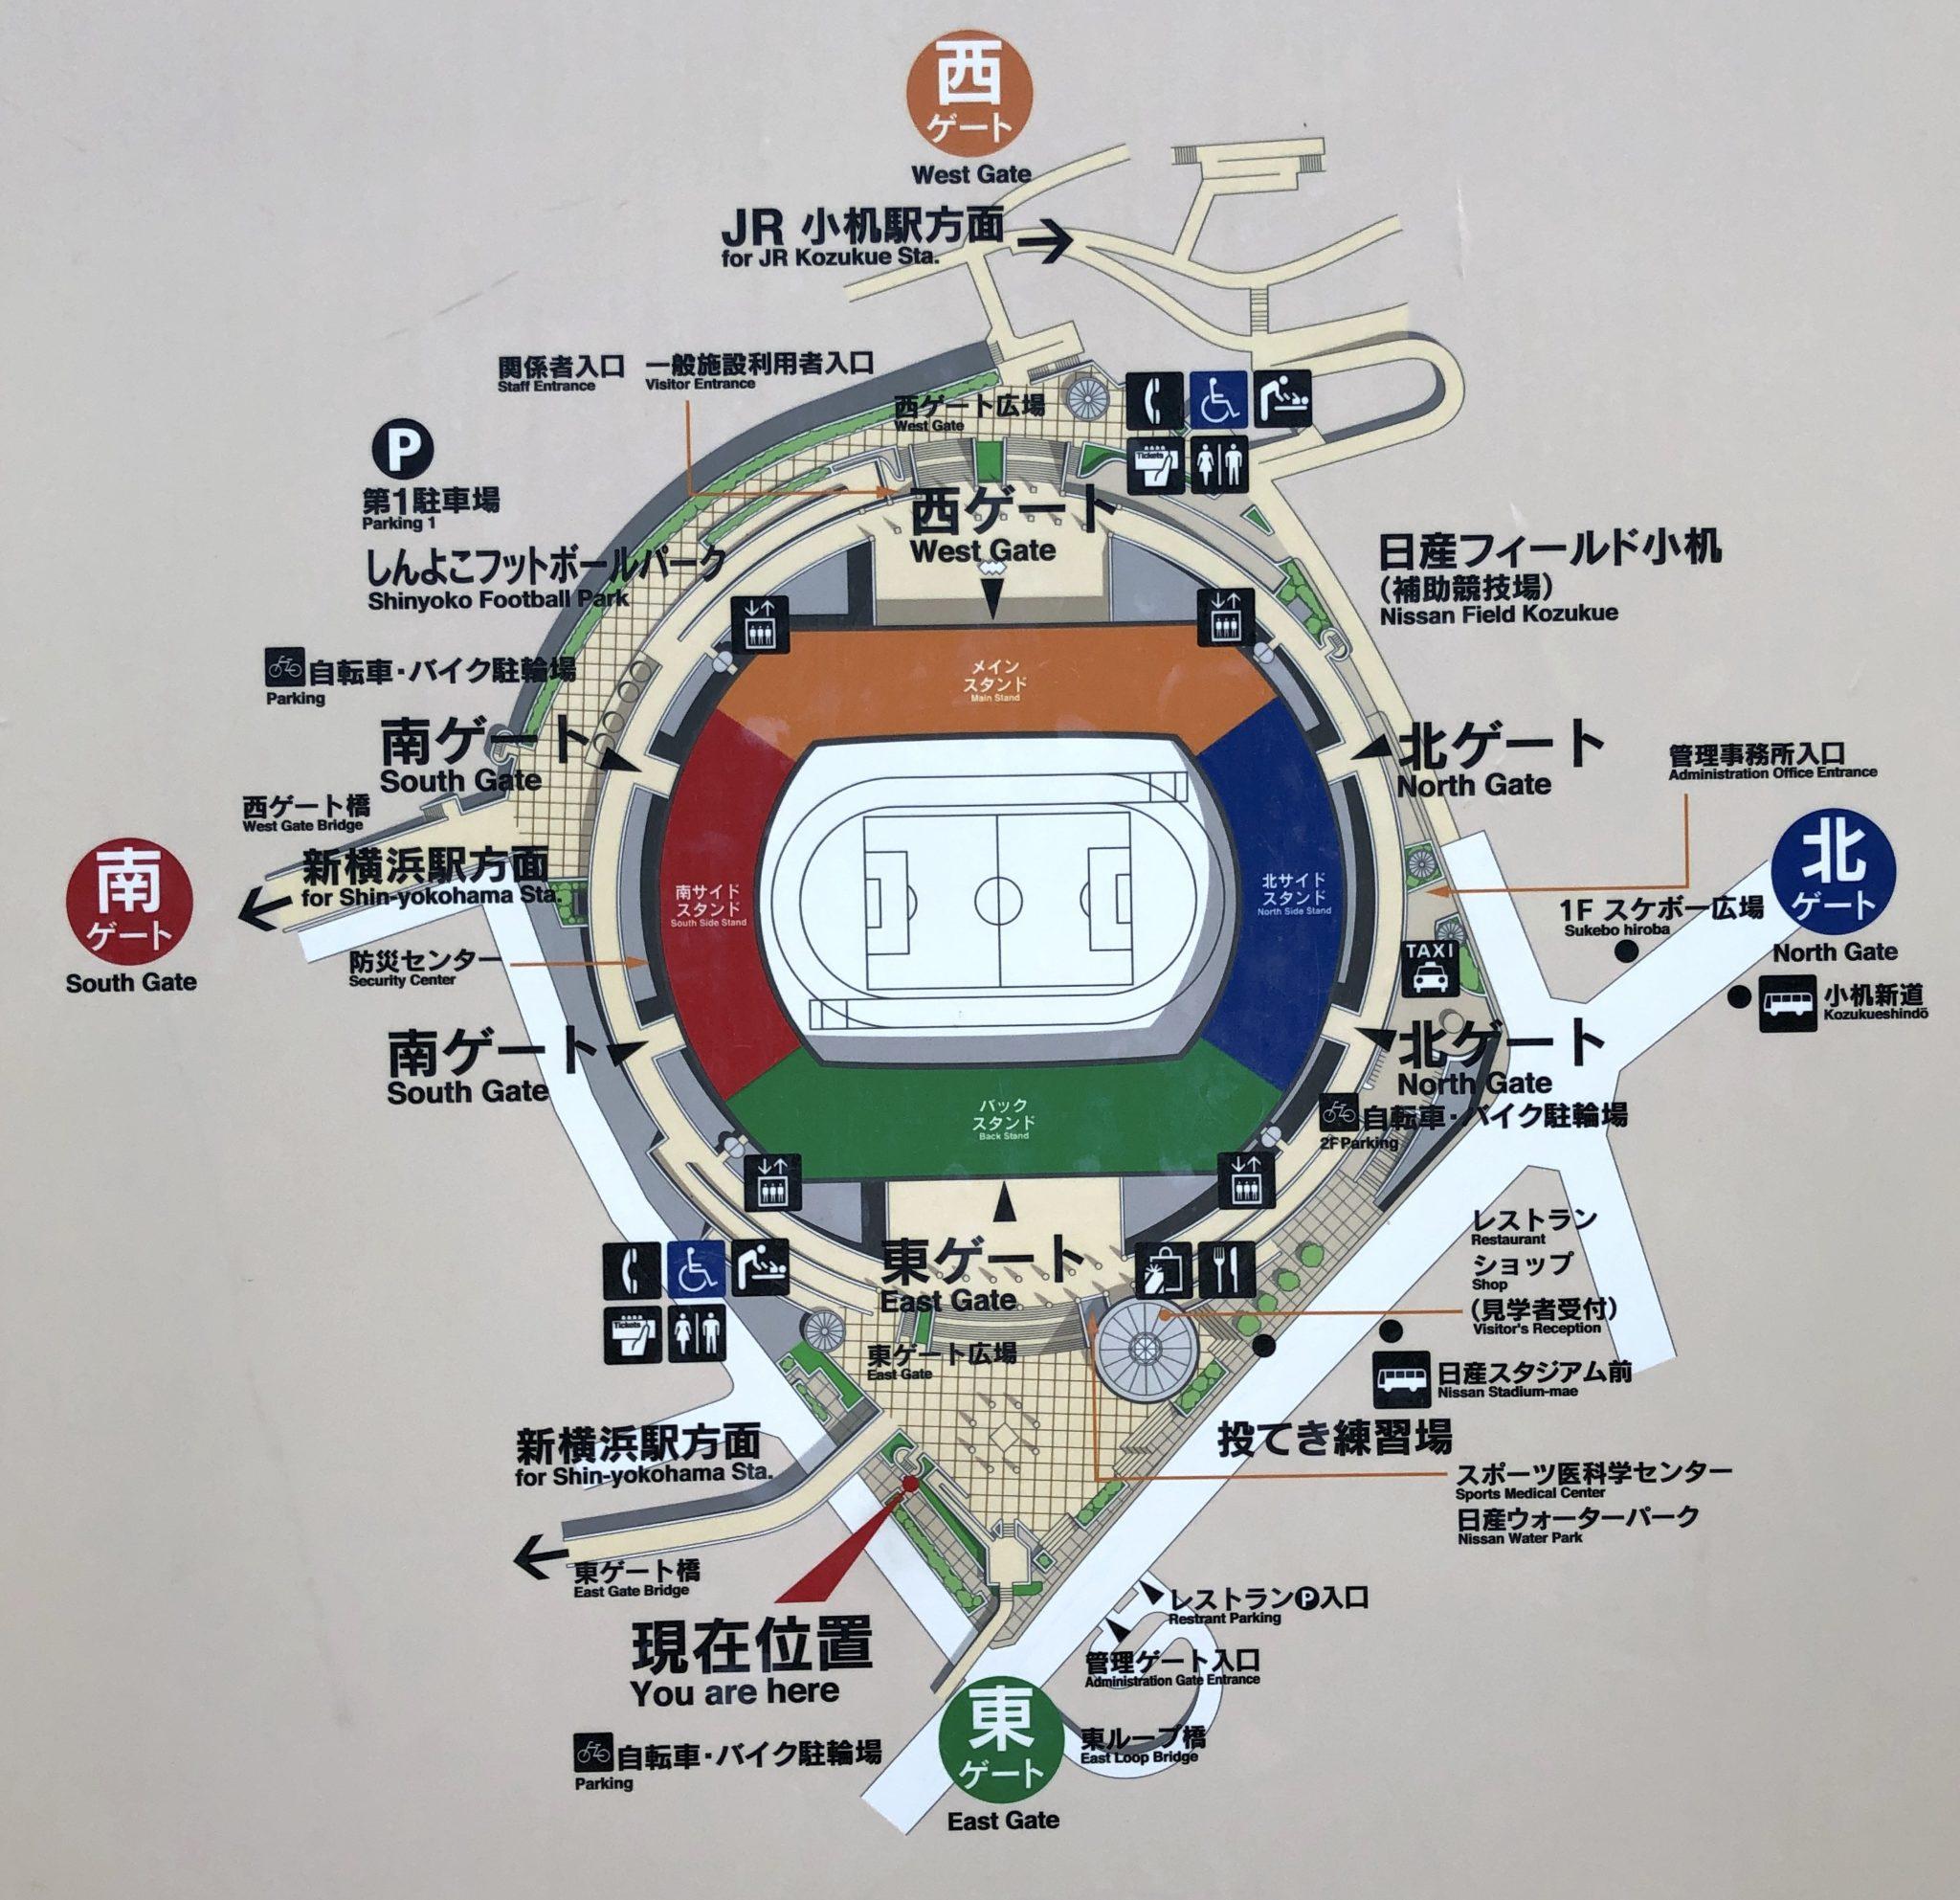 日産スタジアムマップ